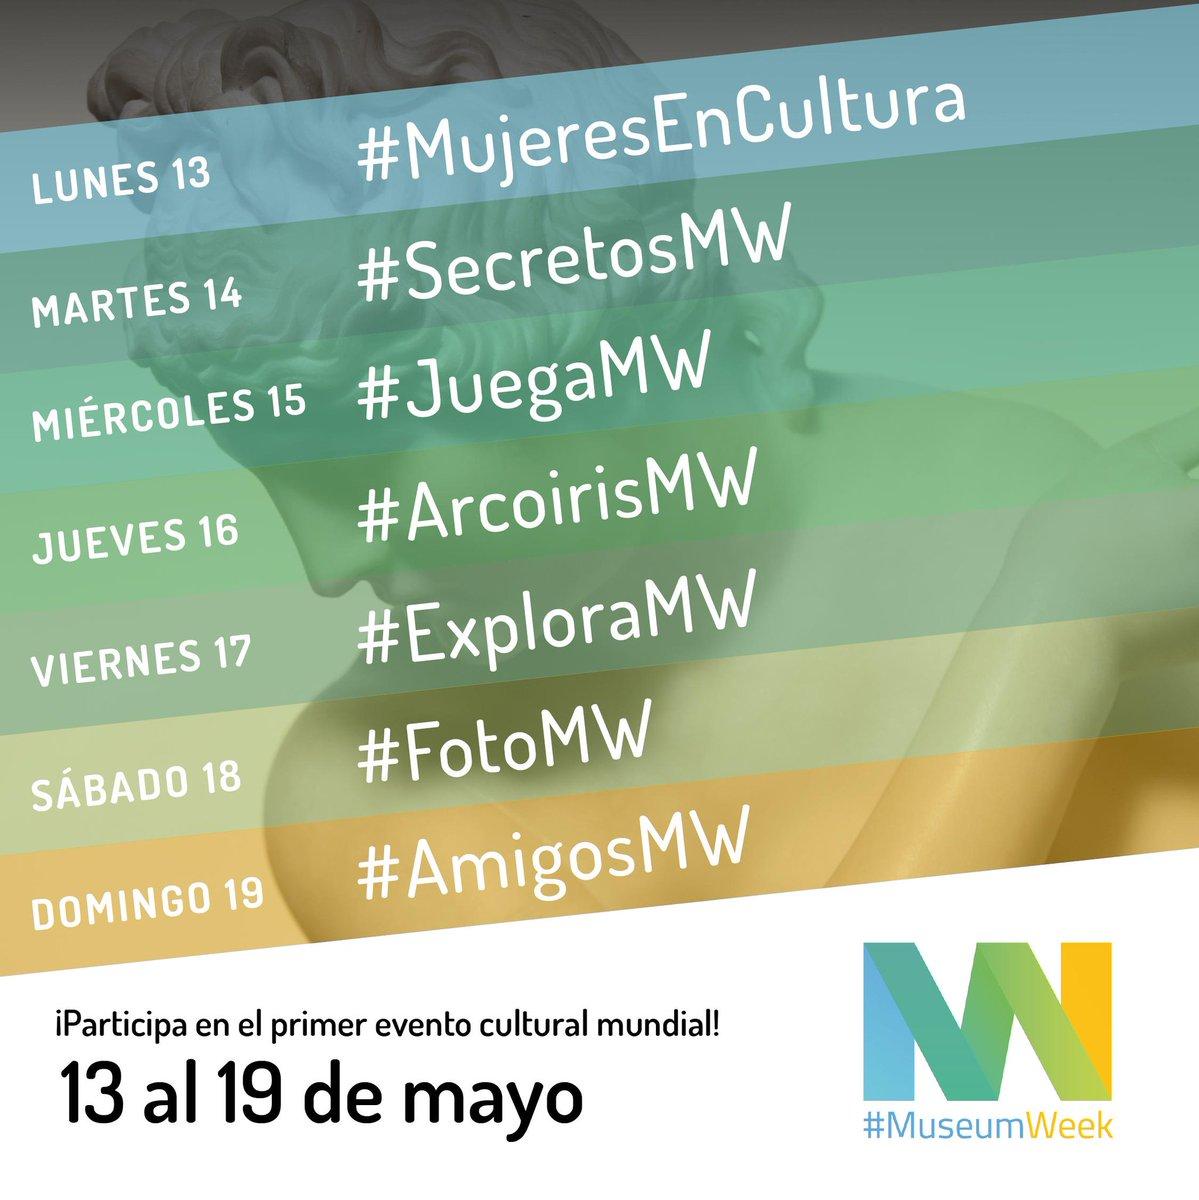 Hoy comienza la #MuseumWeek @MuseumWeek y estos son los # y temas para conversar: Lunes 13 👩🎨 #WomenInCulture Martes 14 🕵️♂️ #SecretsMW Miércoles 15 🎲 #PlayMW Jueves 16 🌈 #RainbowMW Viernes 17 🔎 #ExploreMW Sábado 18 📸 #PhotoMW Domingo 19 👥 #FriendsMW ¿Nos sumamos?